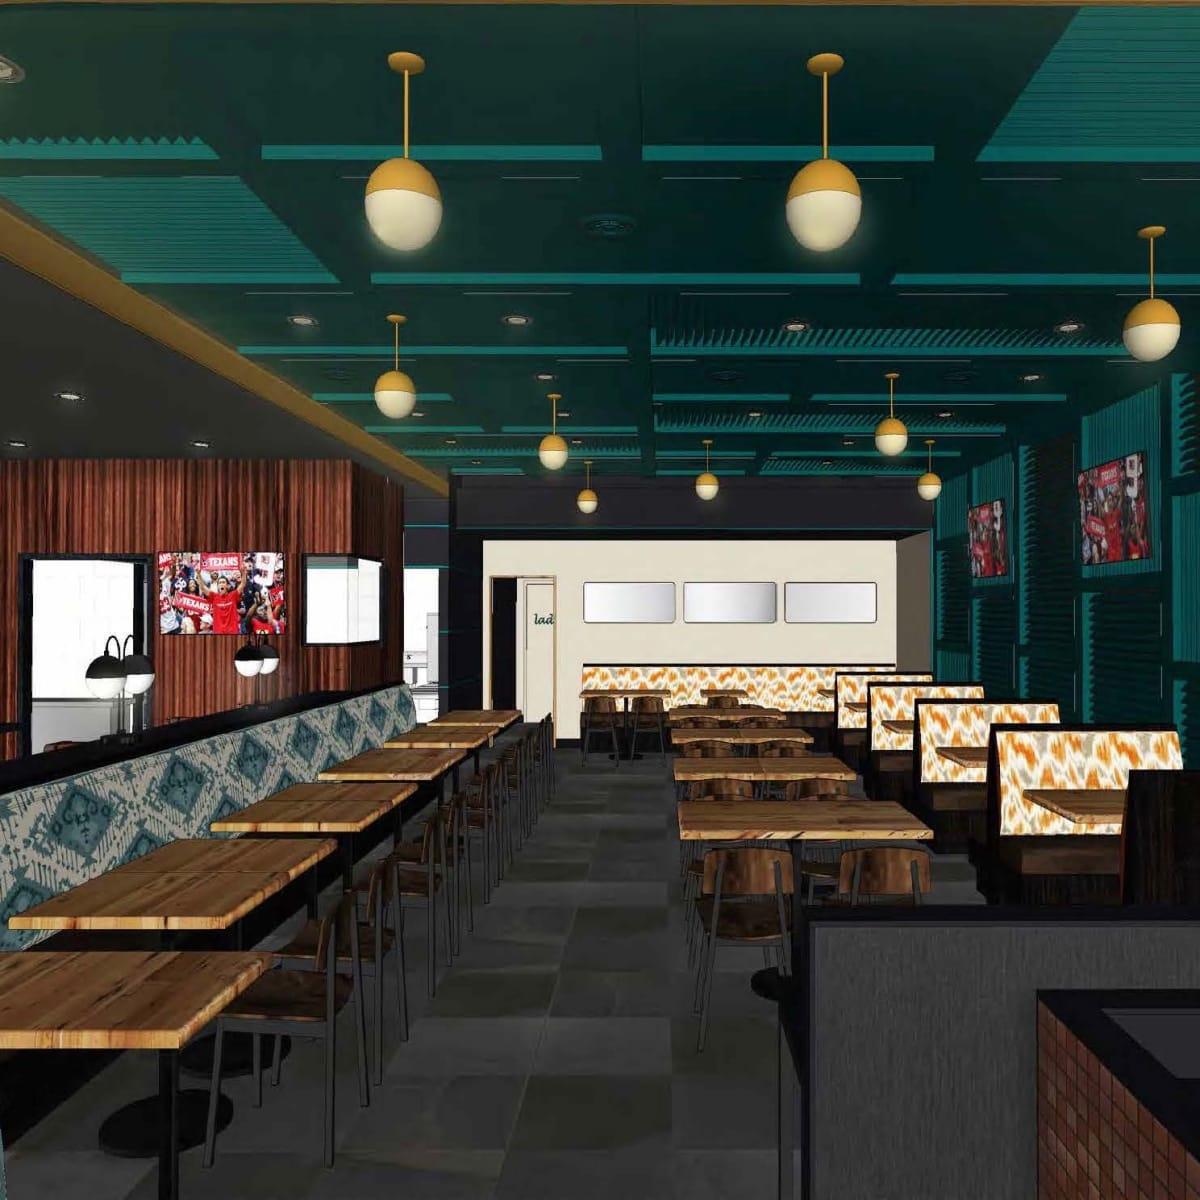 Fielding's Rooster interior rendering